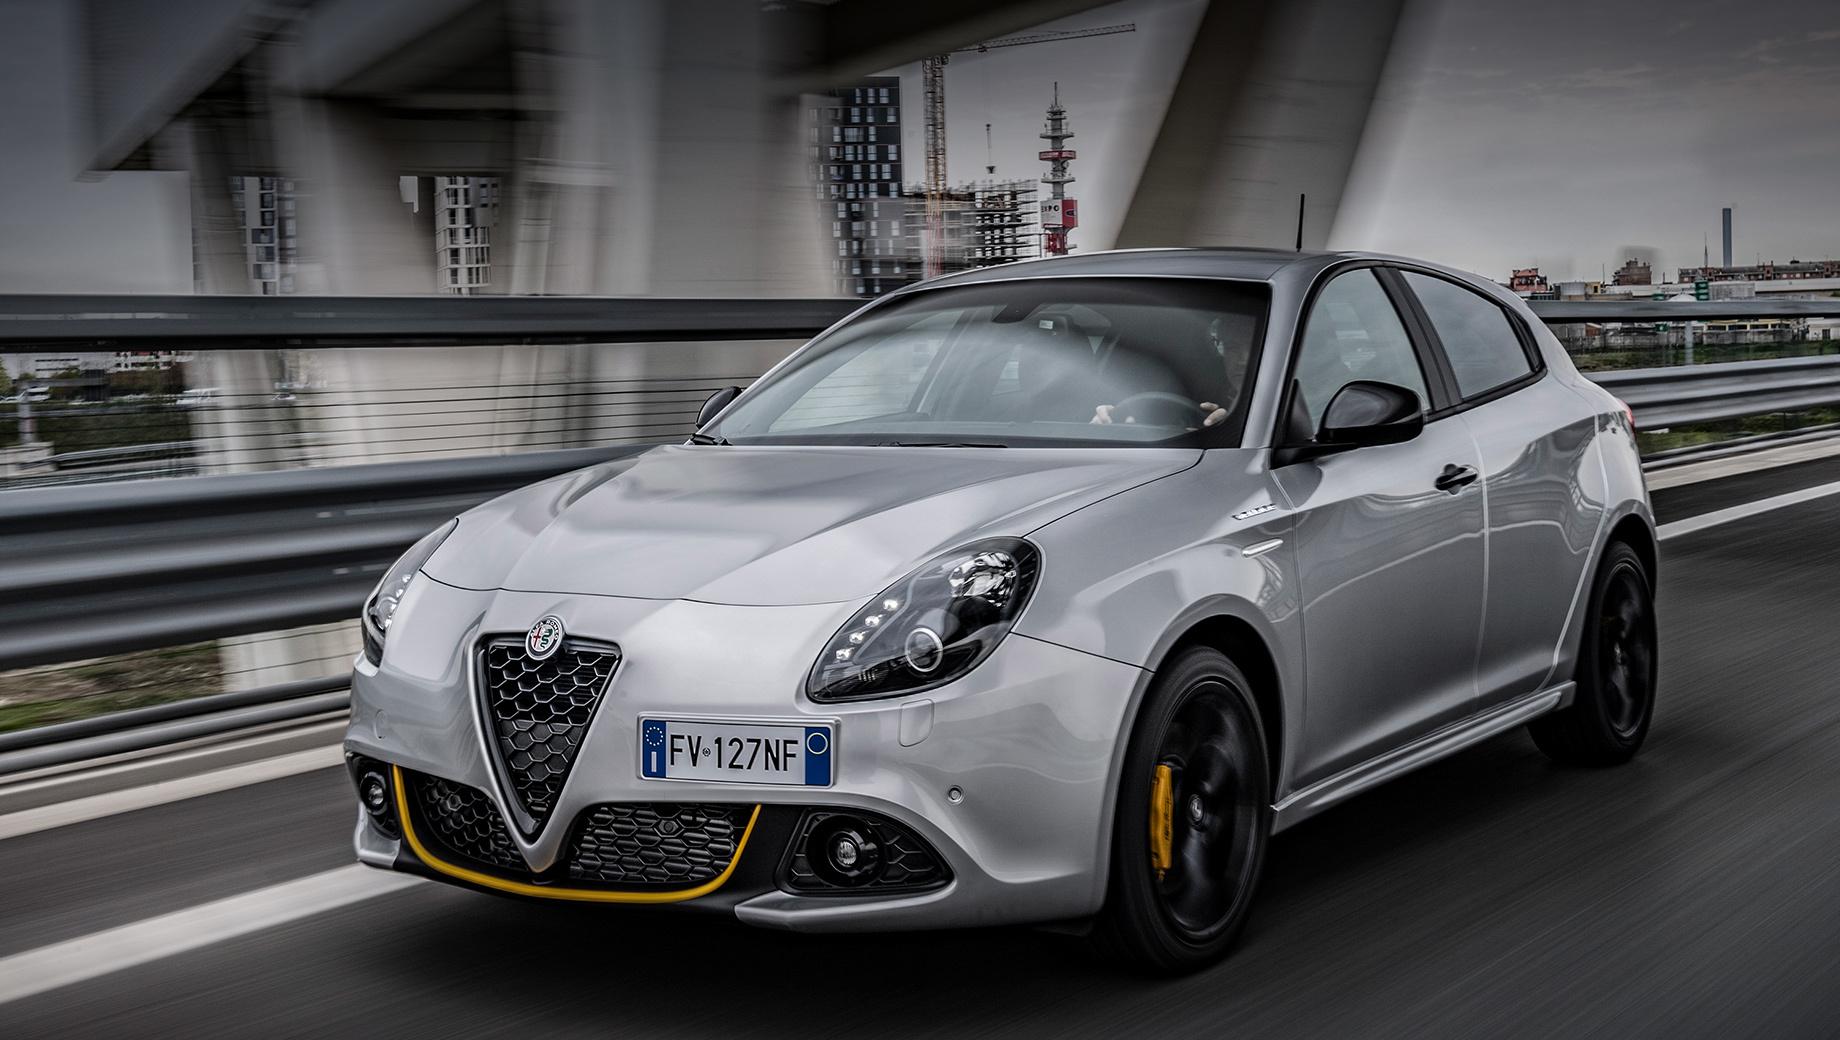 Alfaromeo giulietta. На модель Alfa Romeo Giulietta ставили бензиновые моторы мощностью от 105 до 240 л.с. и турбодизели, выдающие от 105 до 175 сил. Наиболее быстрой была версия Quadrifoglio Verde с турбомотором 1.75, которая ускорялась до сотни за шесть секунд и могла развить до 244 км/ч.